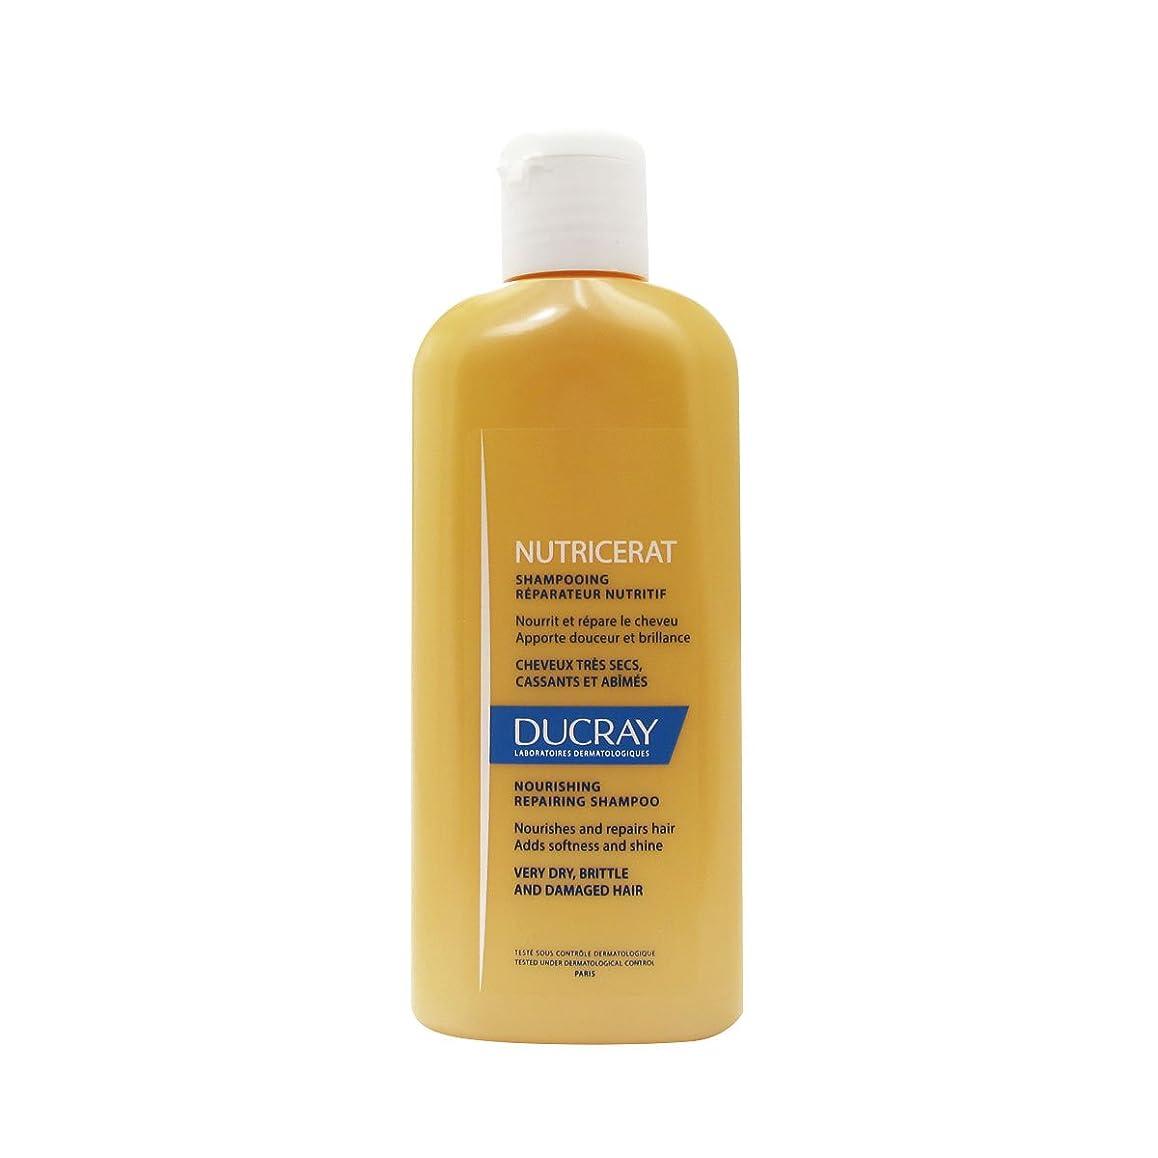 復活する株式会社モザイクDucray Nutricerat Intense Nutrition Shampoo 200ml [並行輸入品]